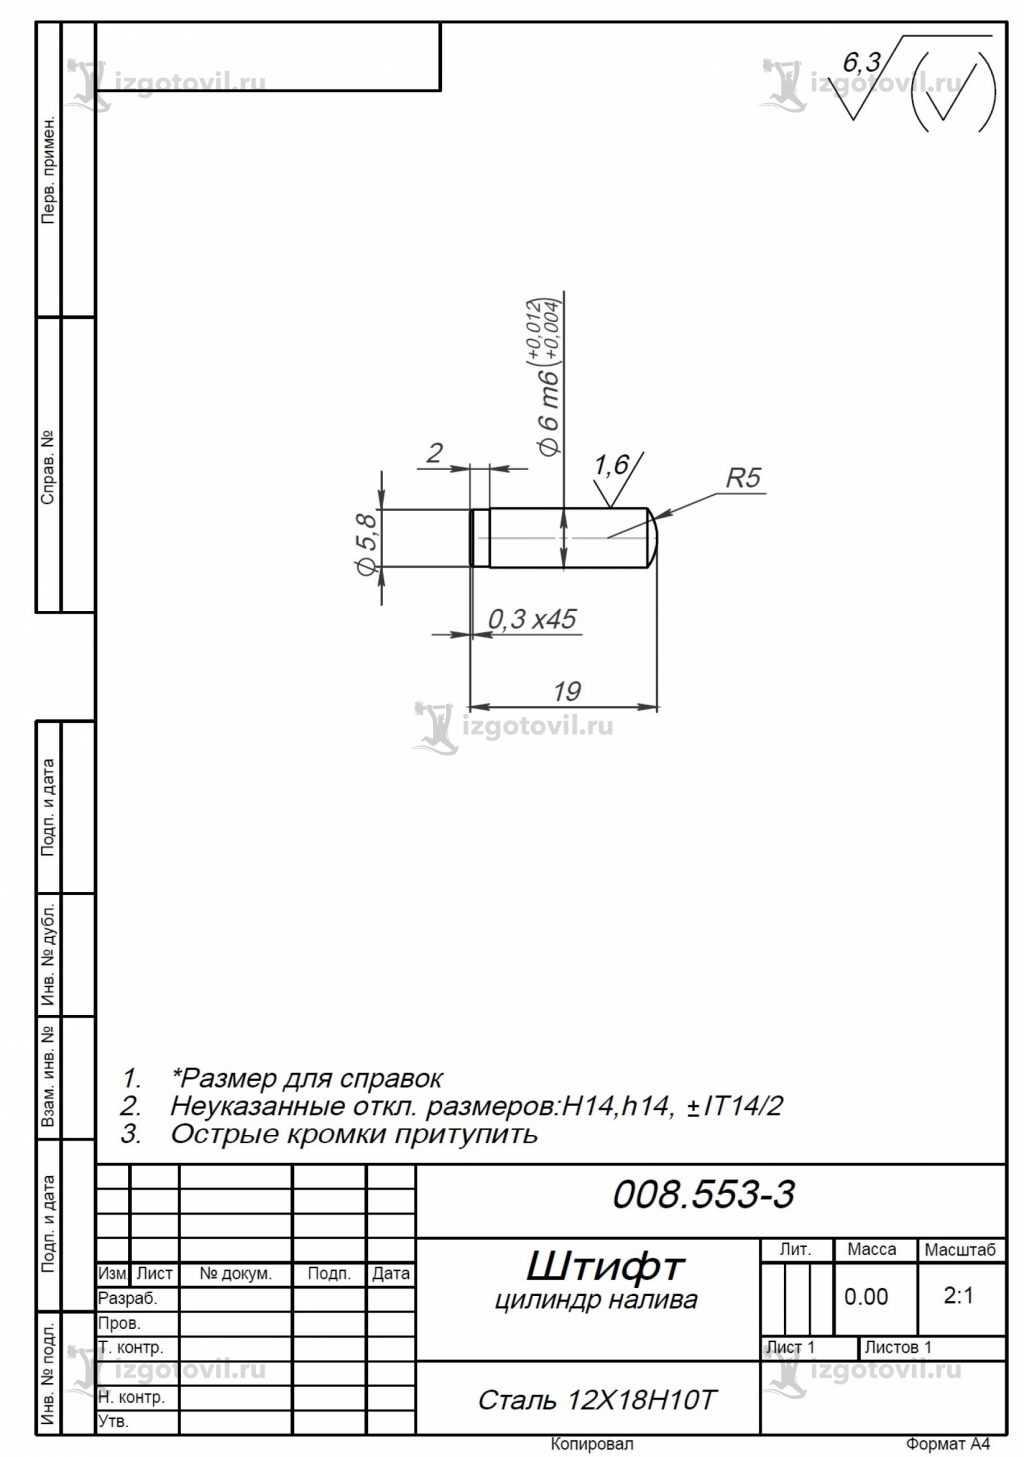 Изготовление деталей по чертежам - изготовление цилиндра налива